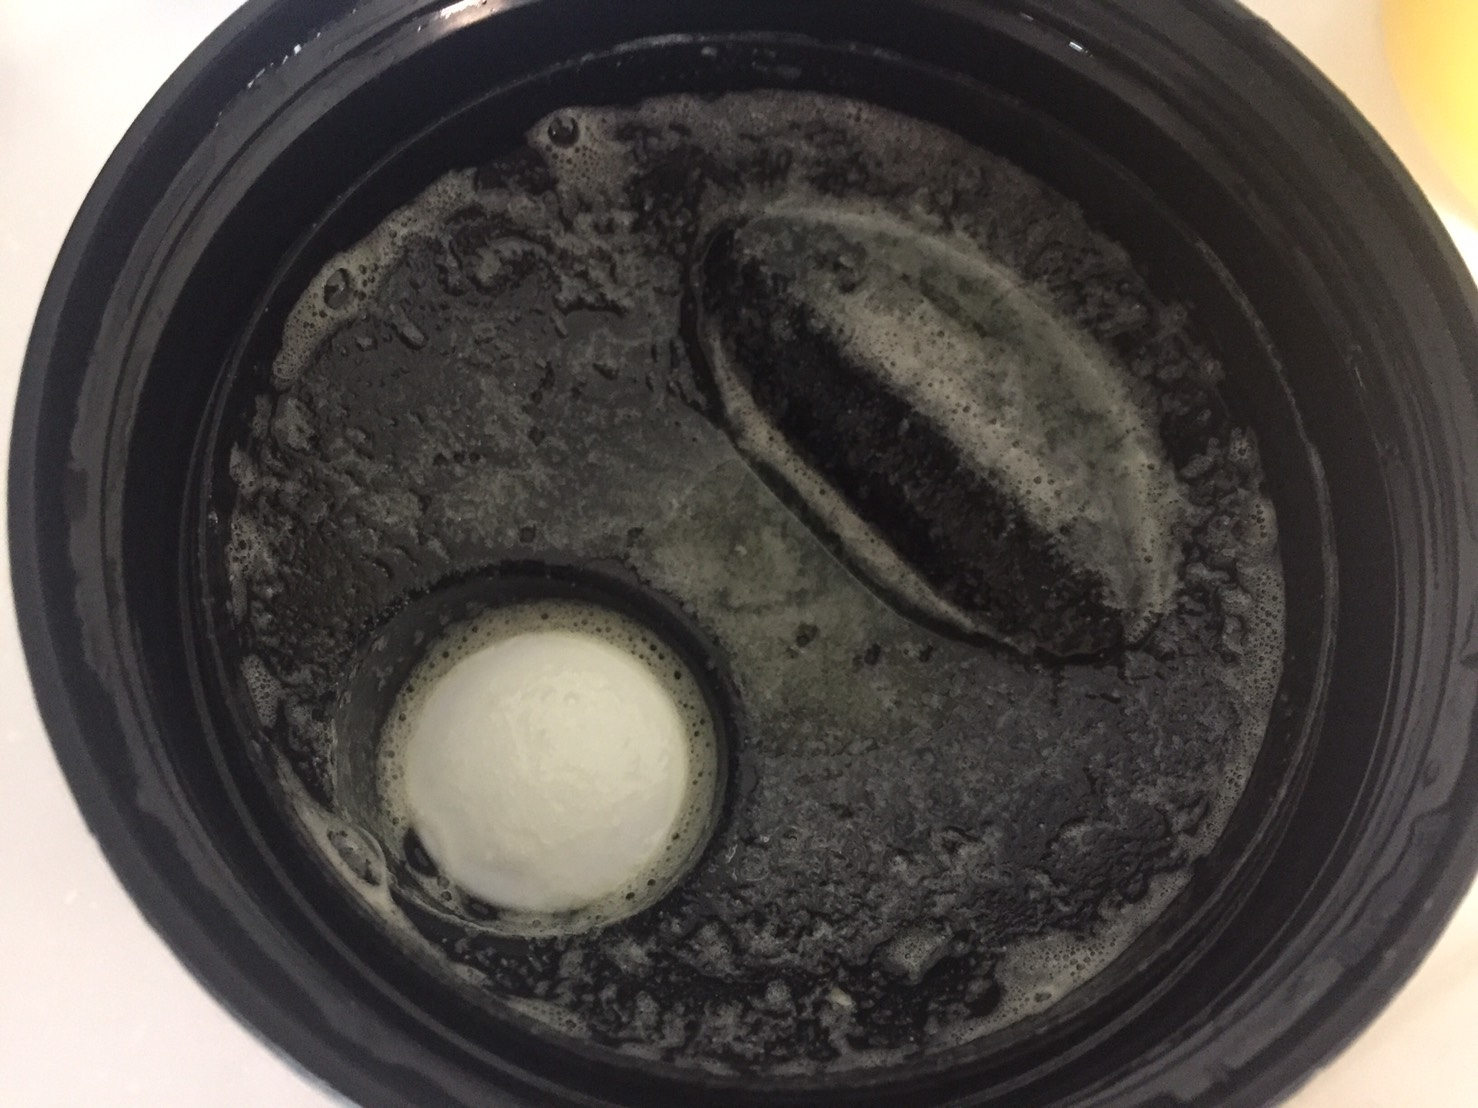 【WPI】Impactホエイアイソレート「Banana Flavour(バナナ味)」をシェイクした直後の蓋側はこんな感じです。泡が確認できます。